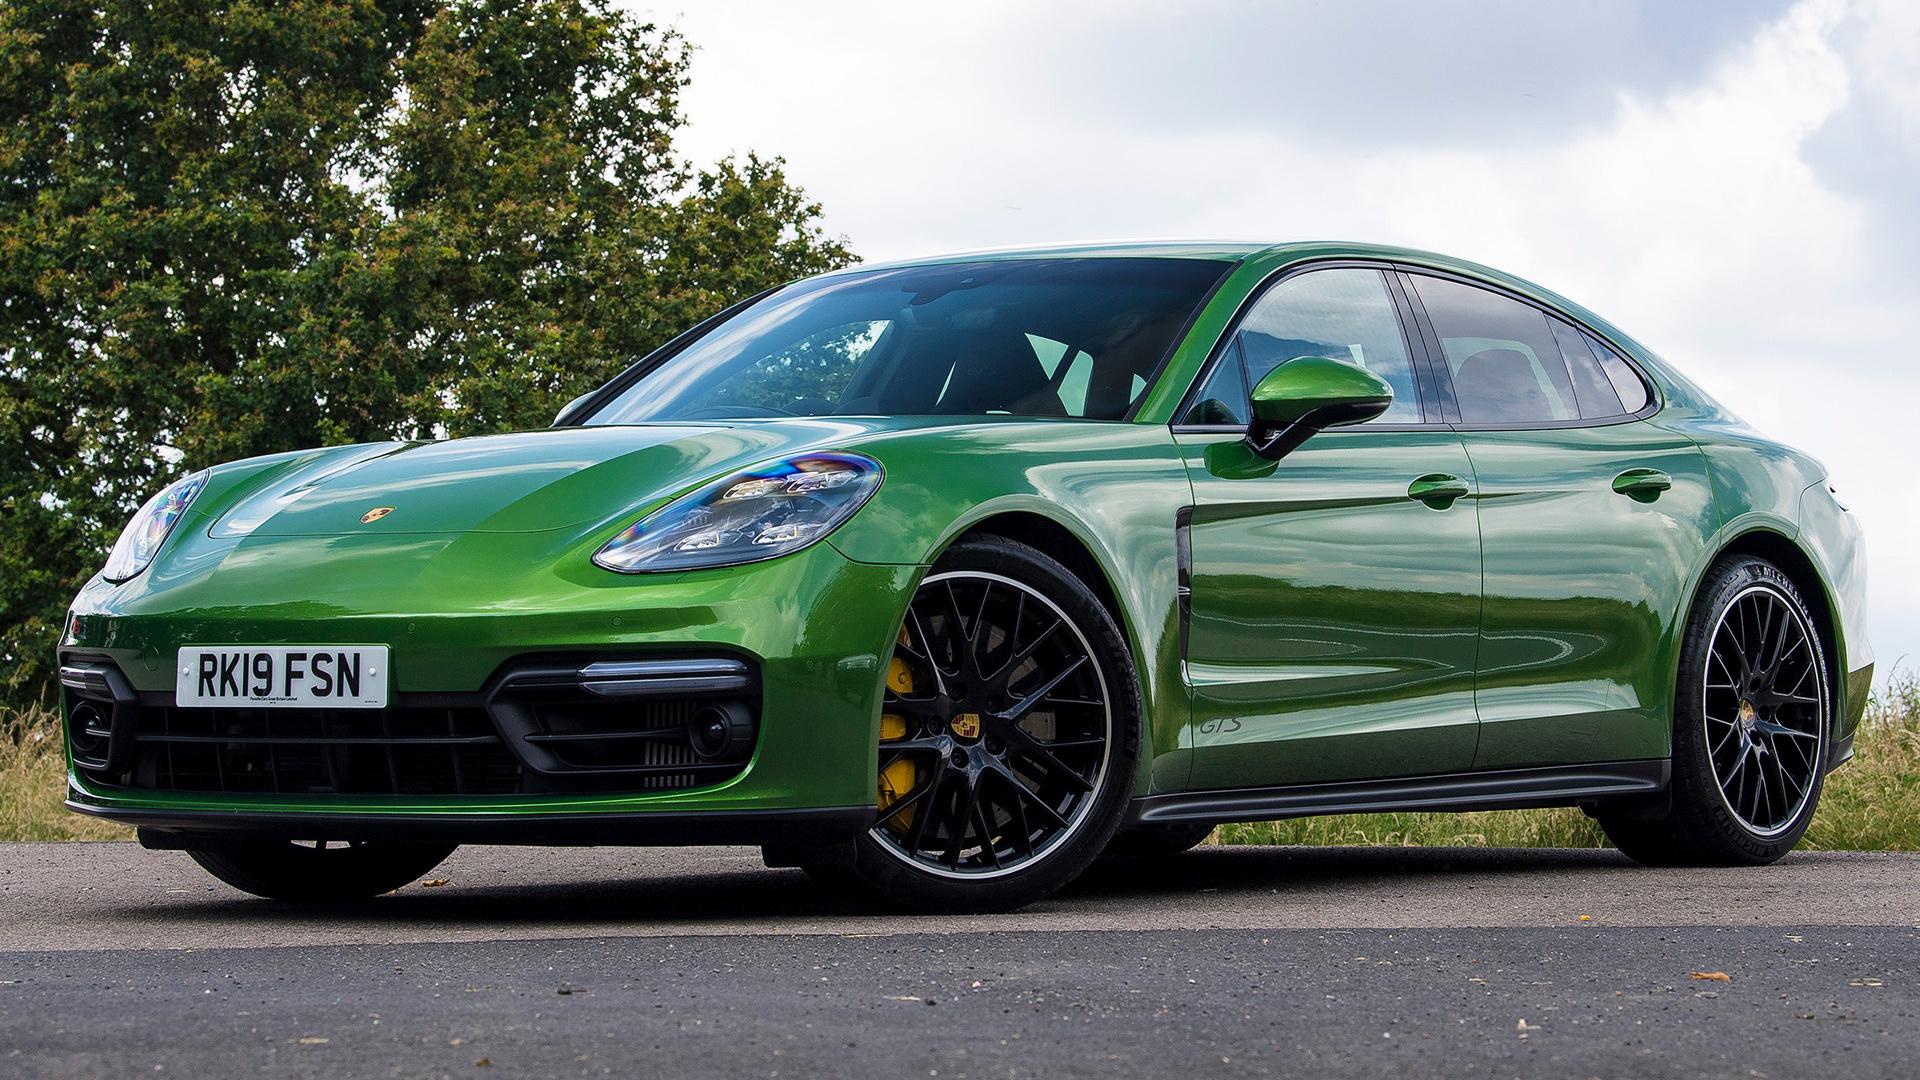 2019 Porsche Panamera Gts Uk Fondos De Pantalla E